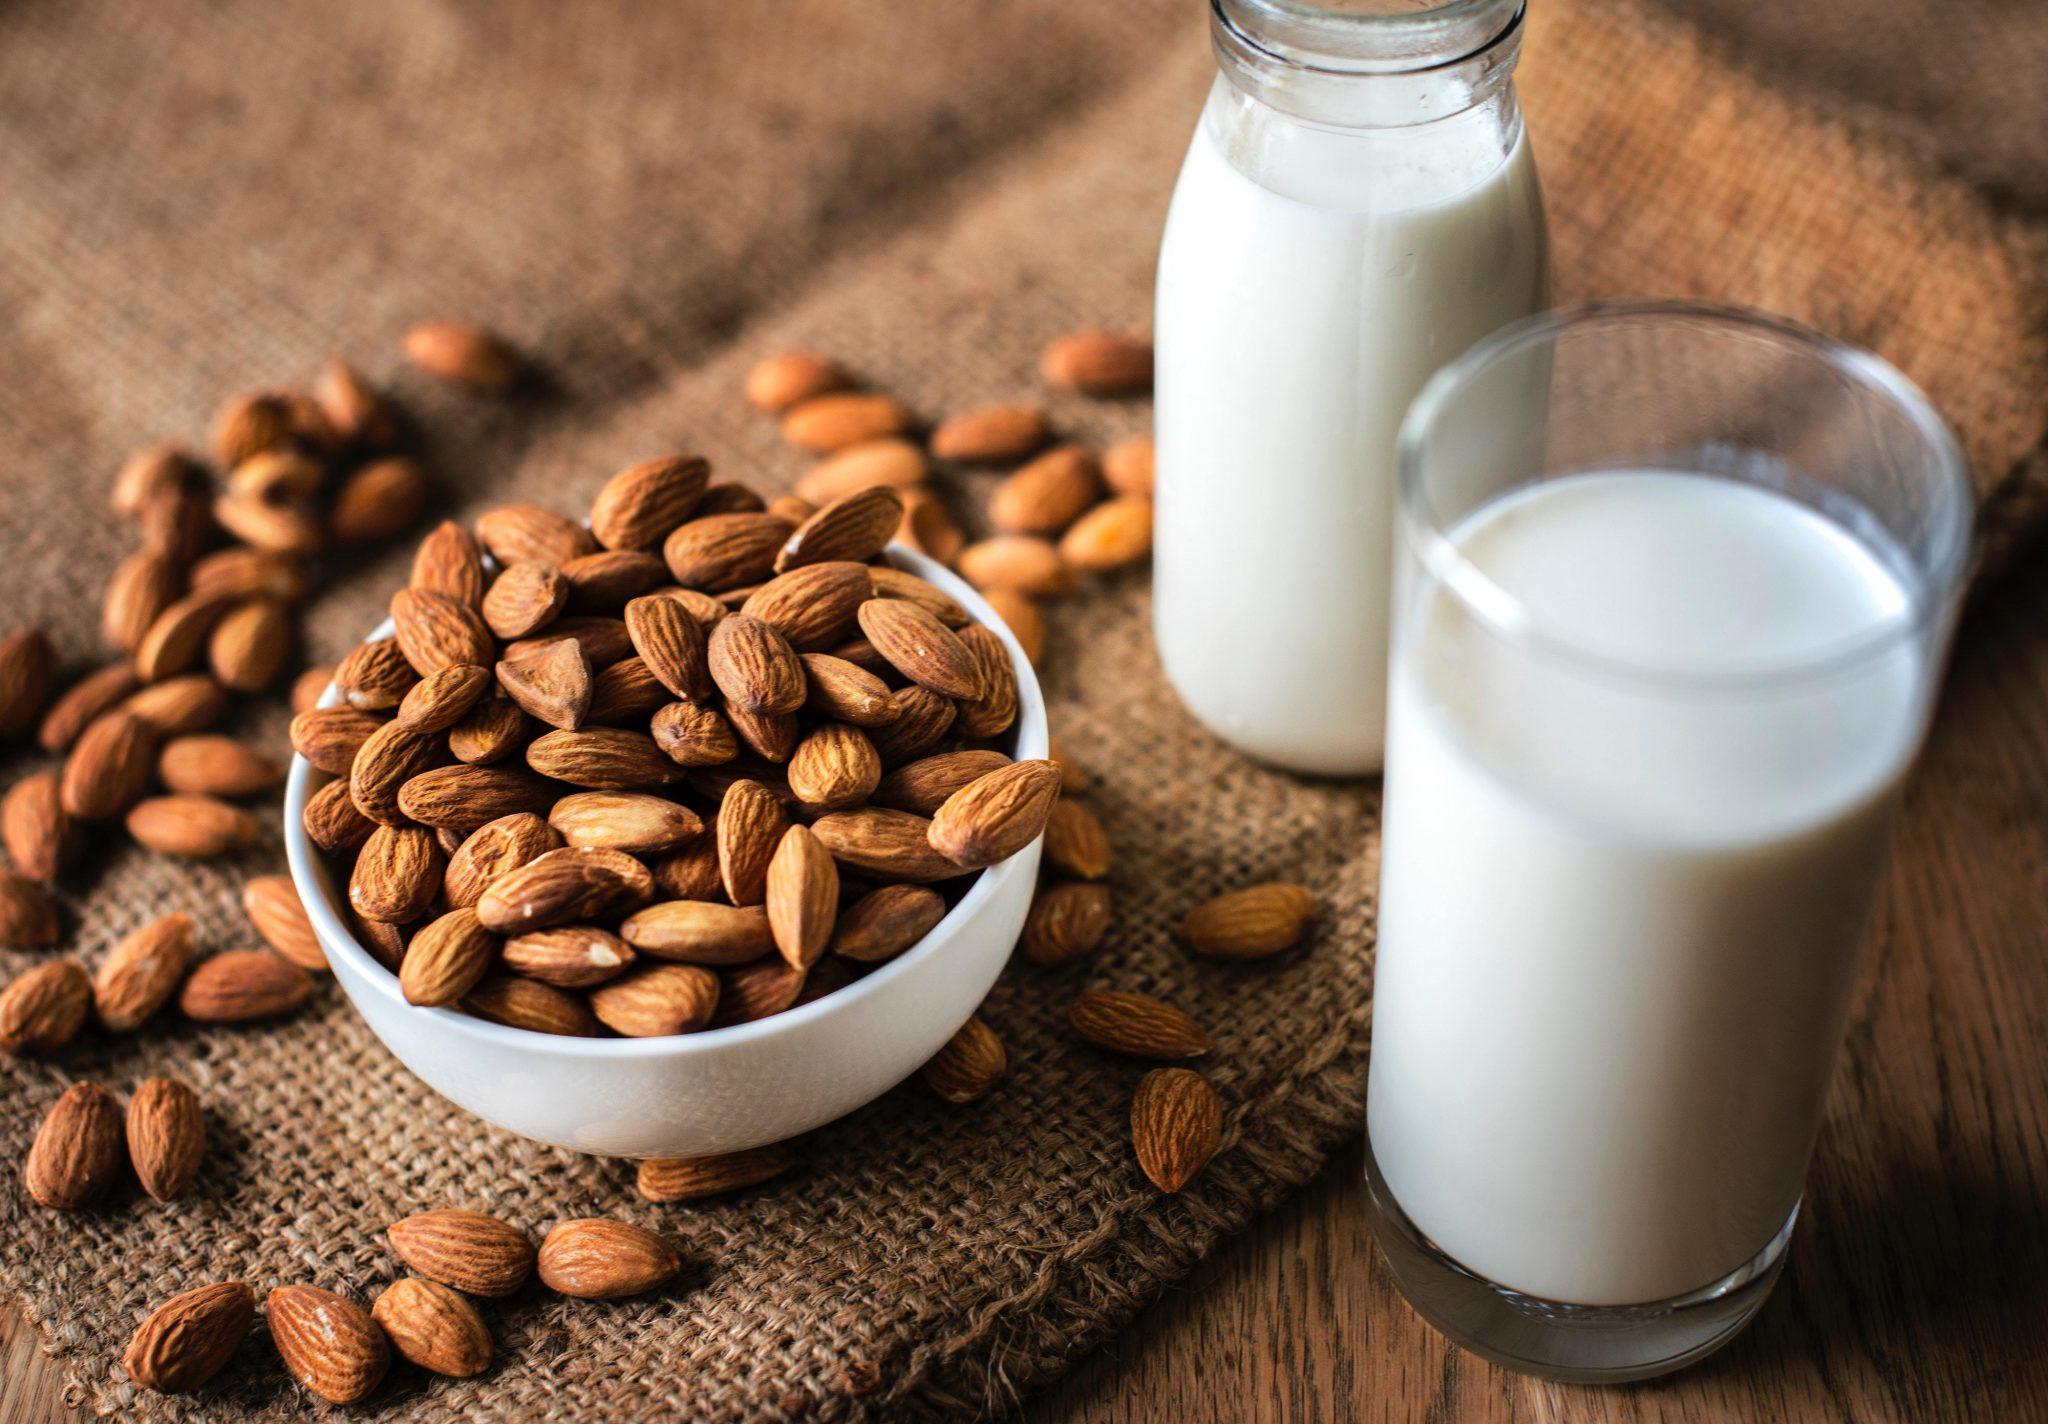 Công bố tiêu chuẩn chất lượng Sữa hạnh nhân - Hotline: 0903 685 330